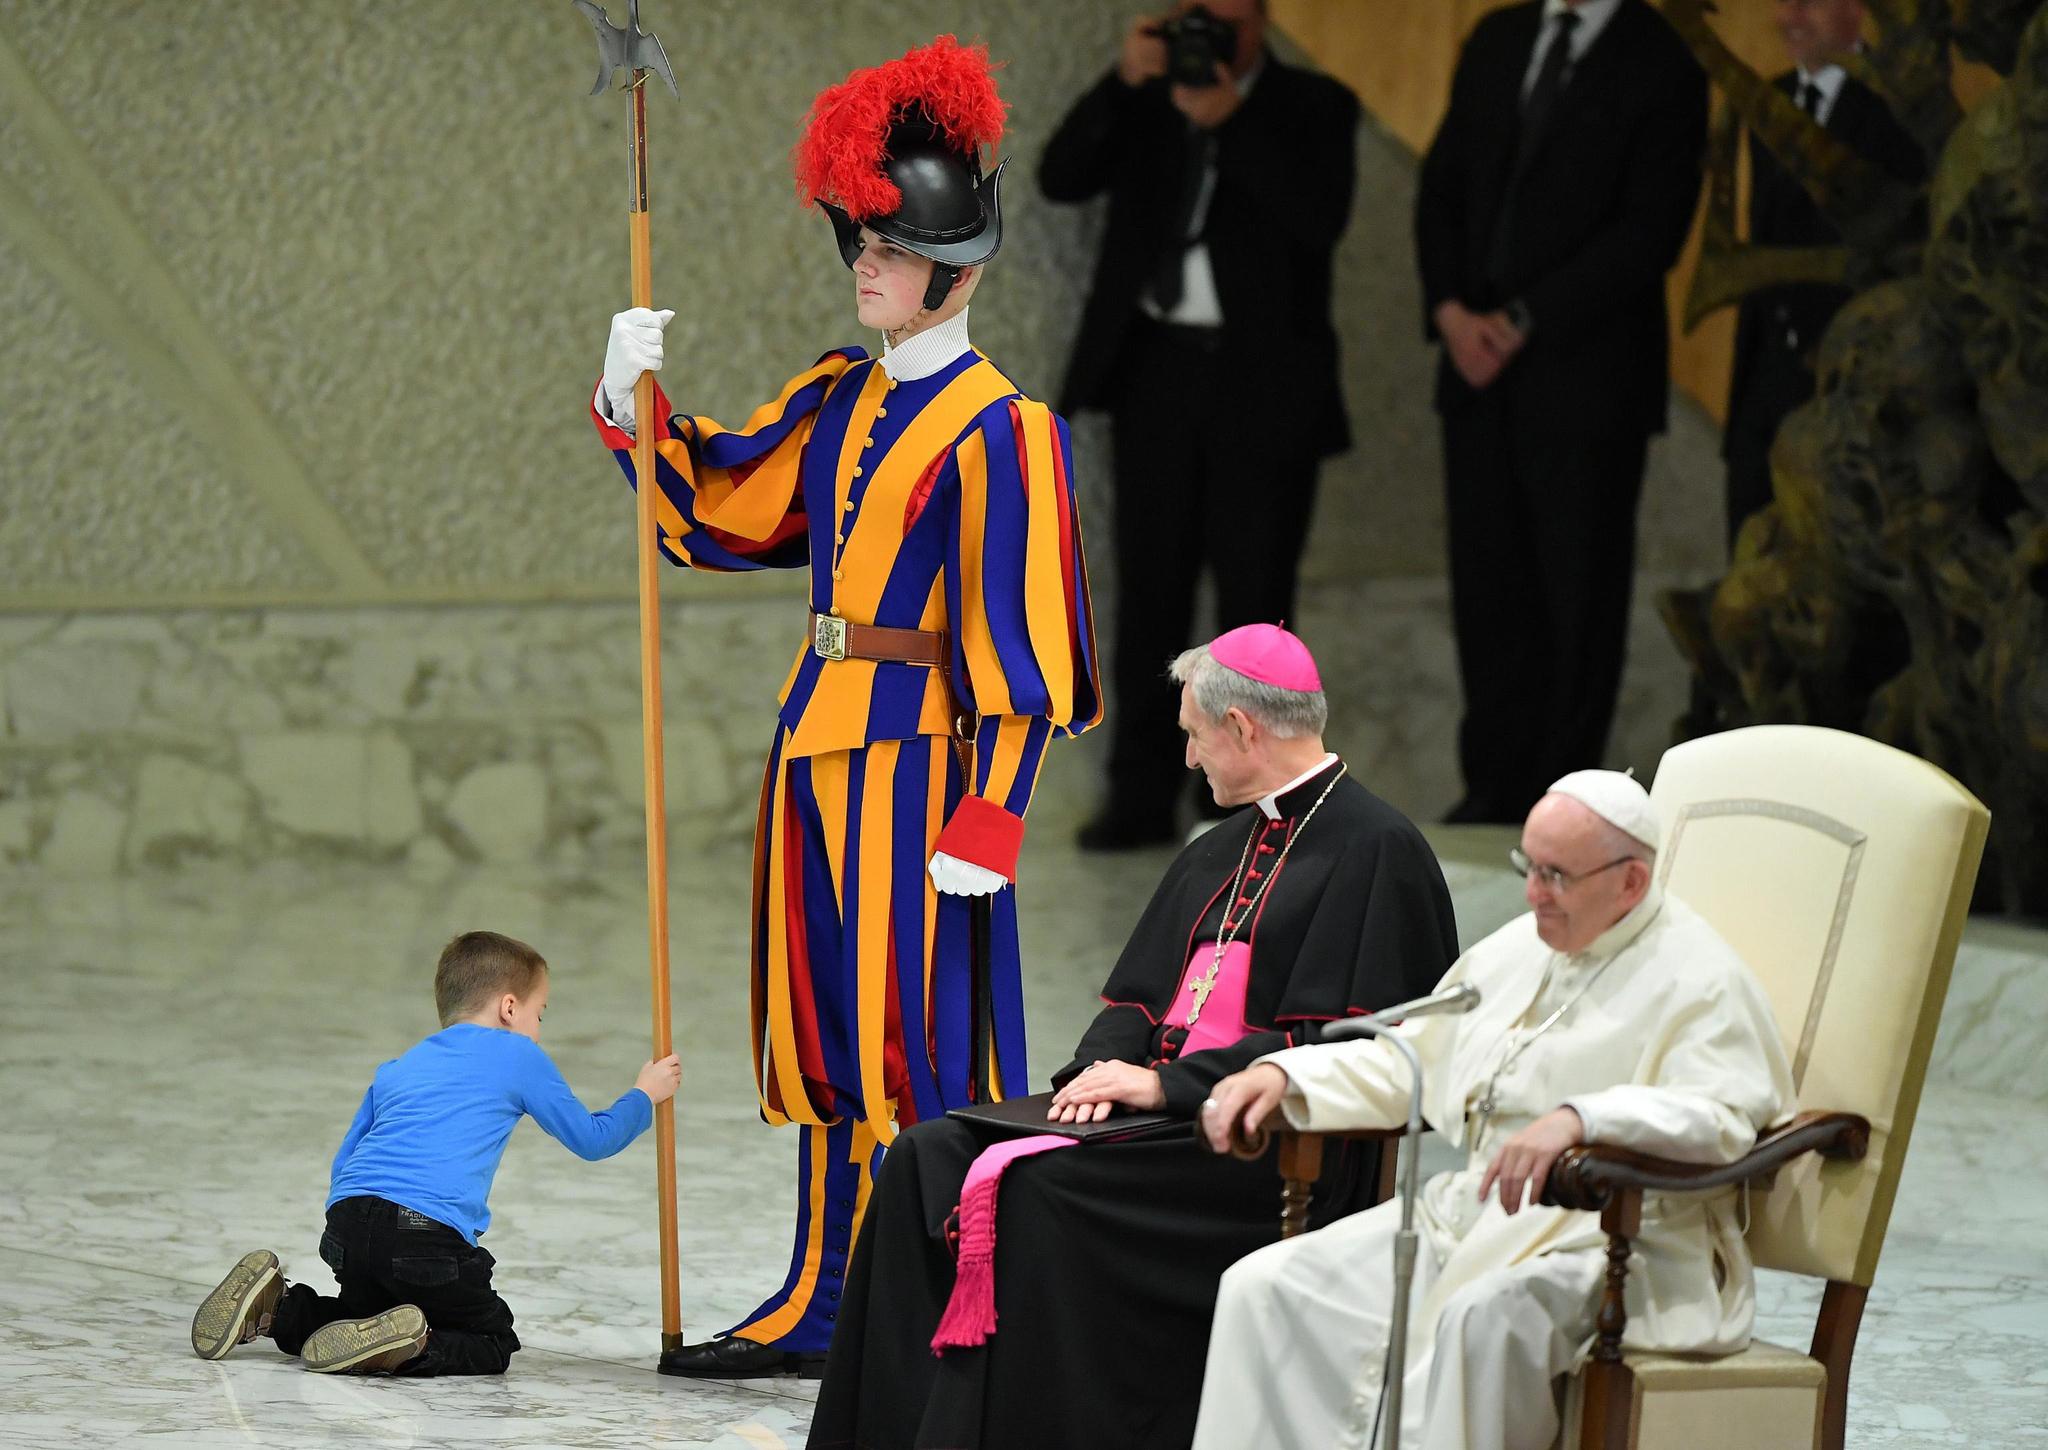 단상에 오른 아이는 교황을 지키는 근위병의 창을 만지며 놀기 시작했다. [EPA=연합뉴스]